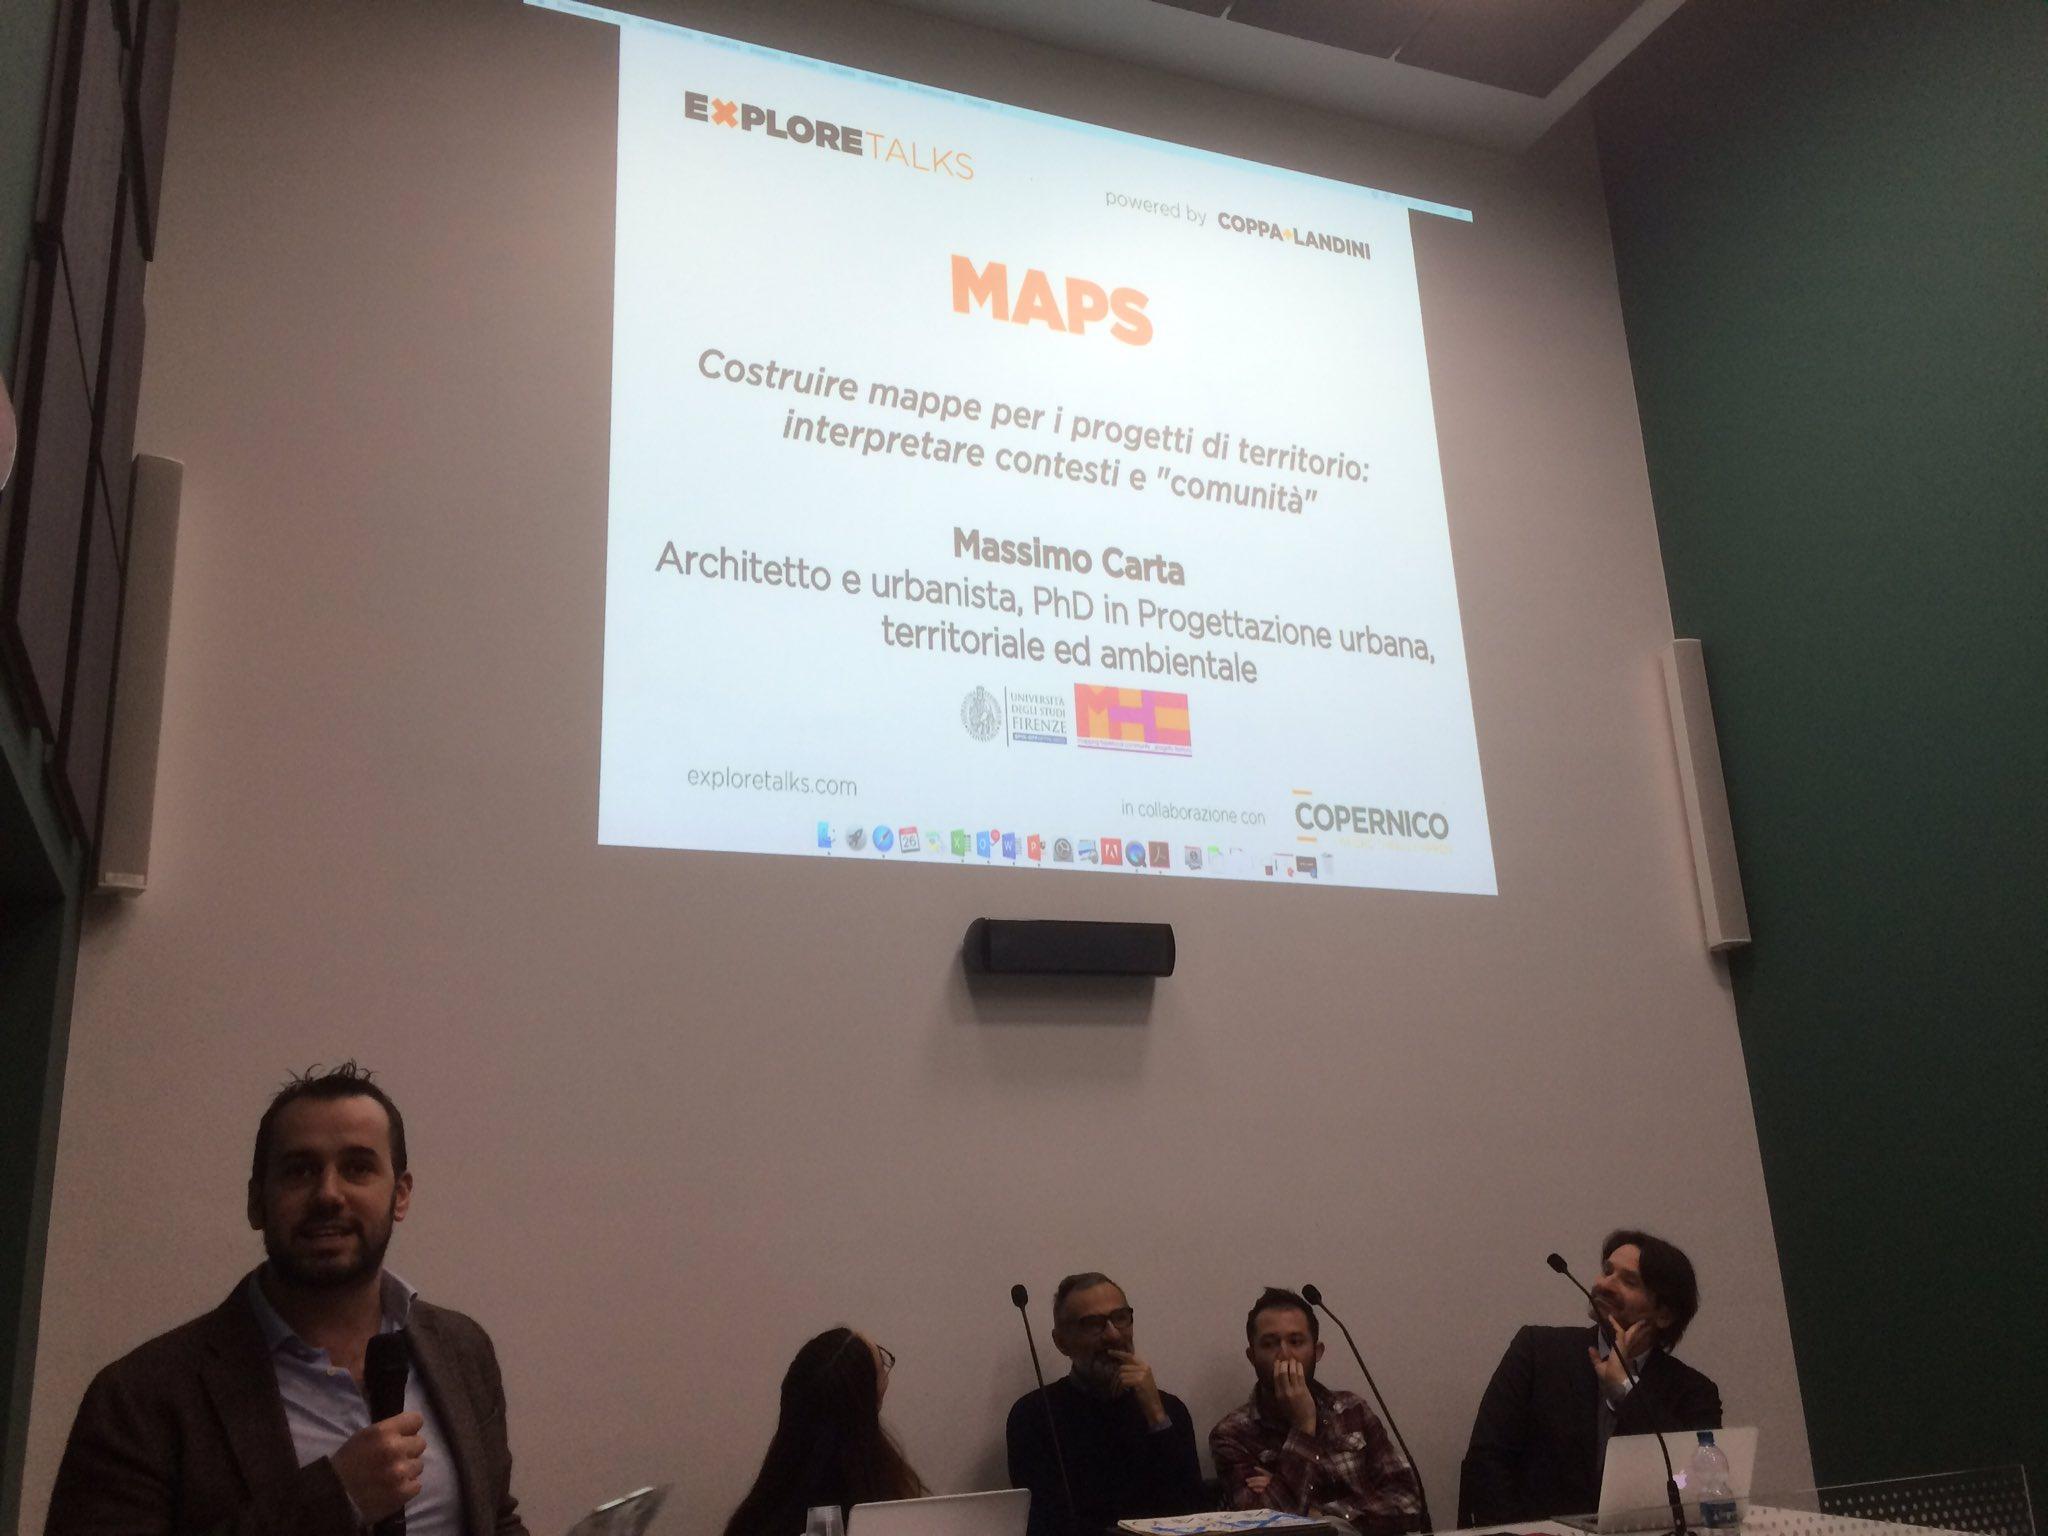 Questa sera a #XTmaps di @CoppaLandini si..esplorano i tipi di mappe #mappiamo le #mappe in @CopernicoMilano https://t.co/dUfQbaiCwQ